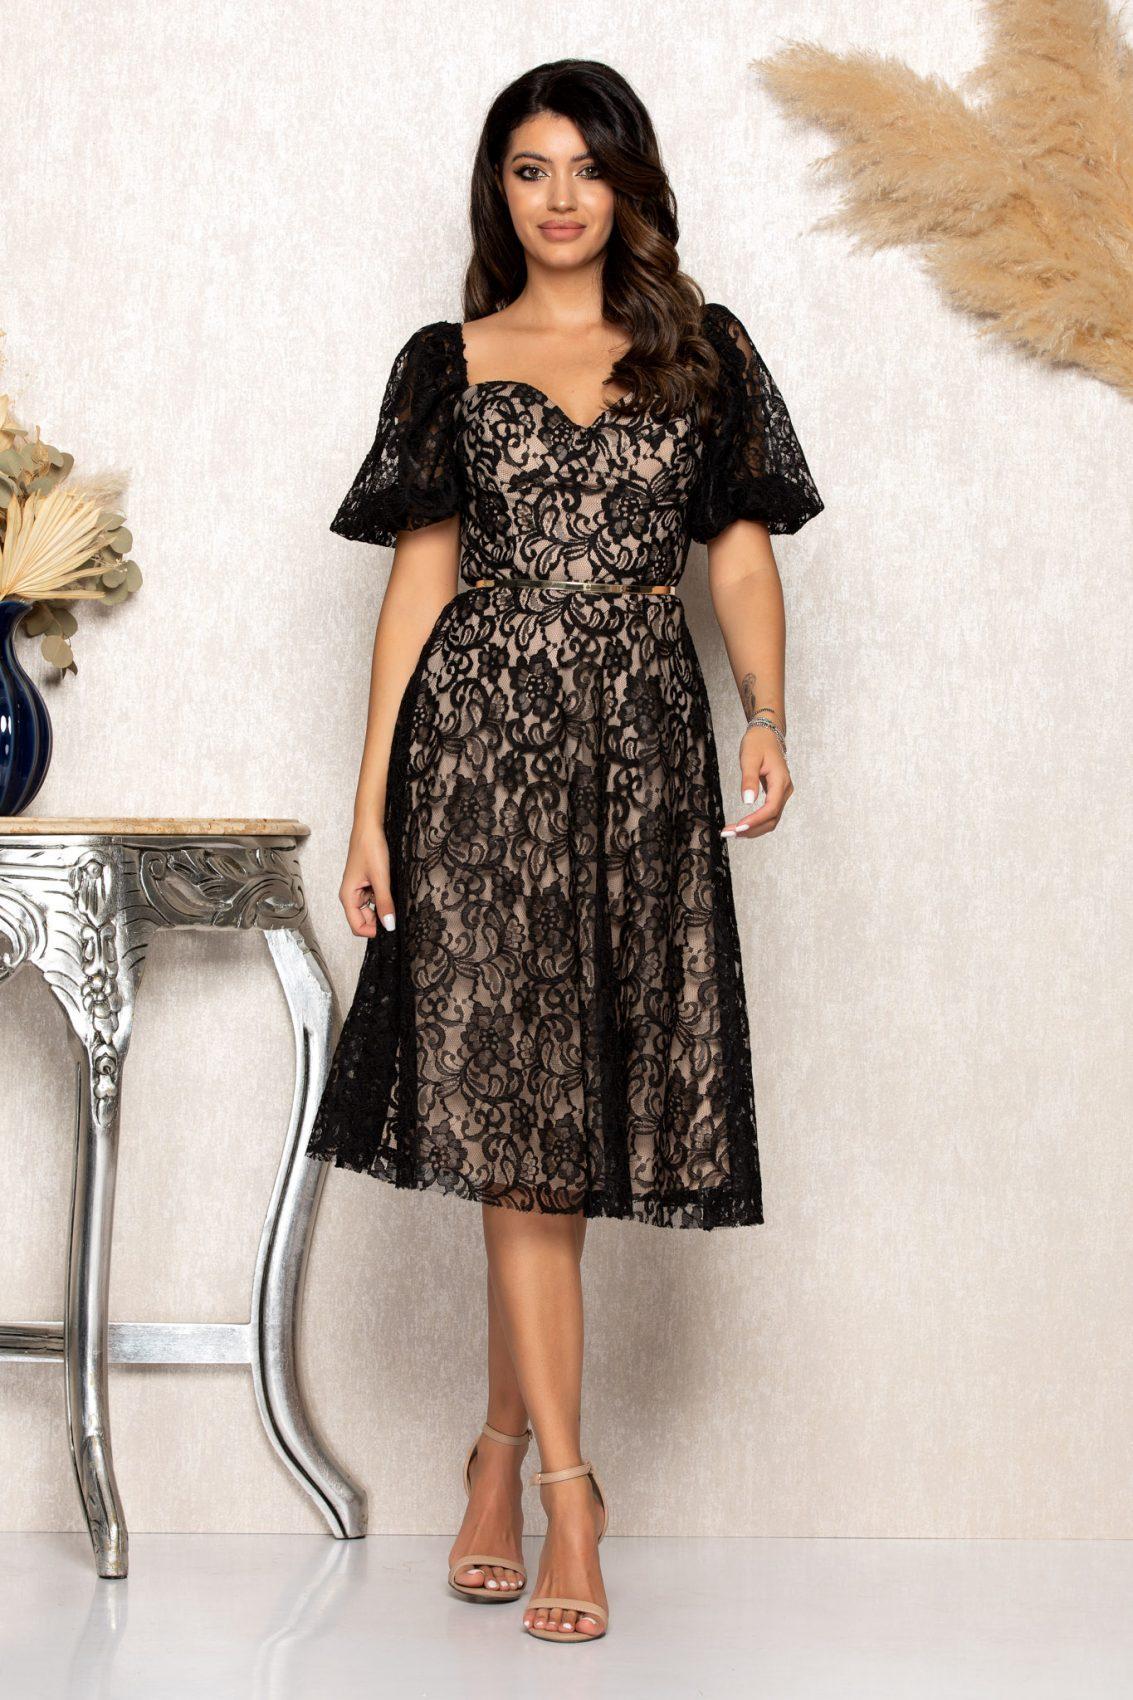 Μαύρο Μίντι Αμπιγιέ Φόρεμα Από Δαντέλα Annabell B125 1